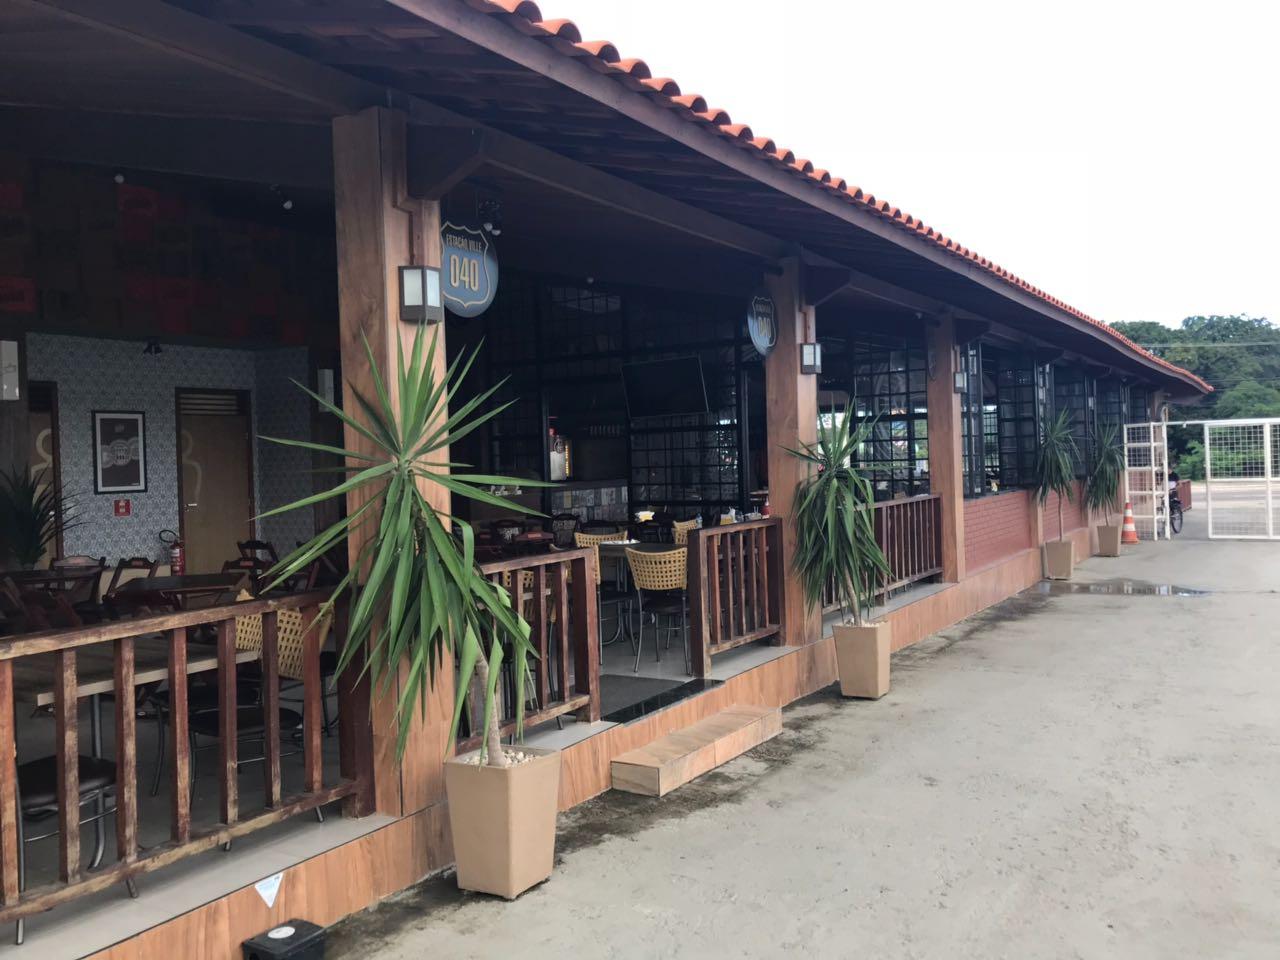 Estação Ville 040 e os melhores pratos! Maminha, Parmegiana, Camarão, Peixe ou Picanha para até 3 pessoas + 1 Pulseira para o Playground por R$44,90